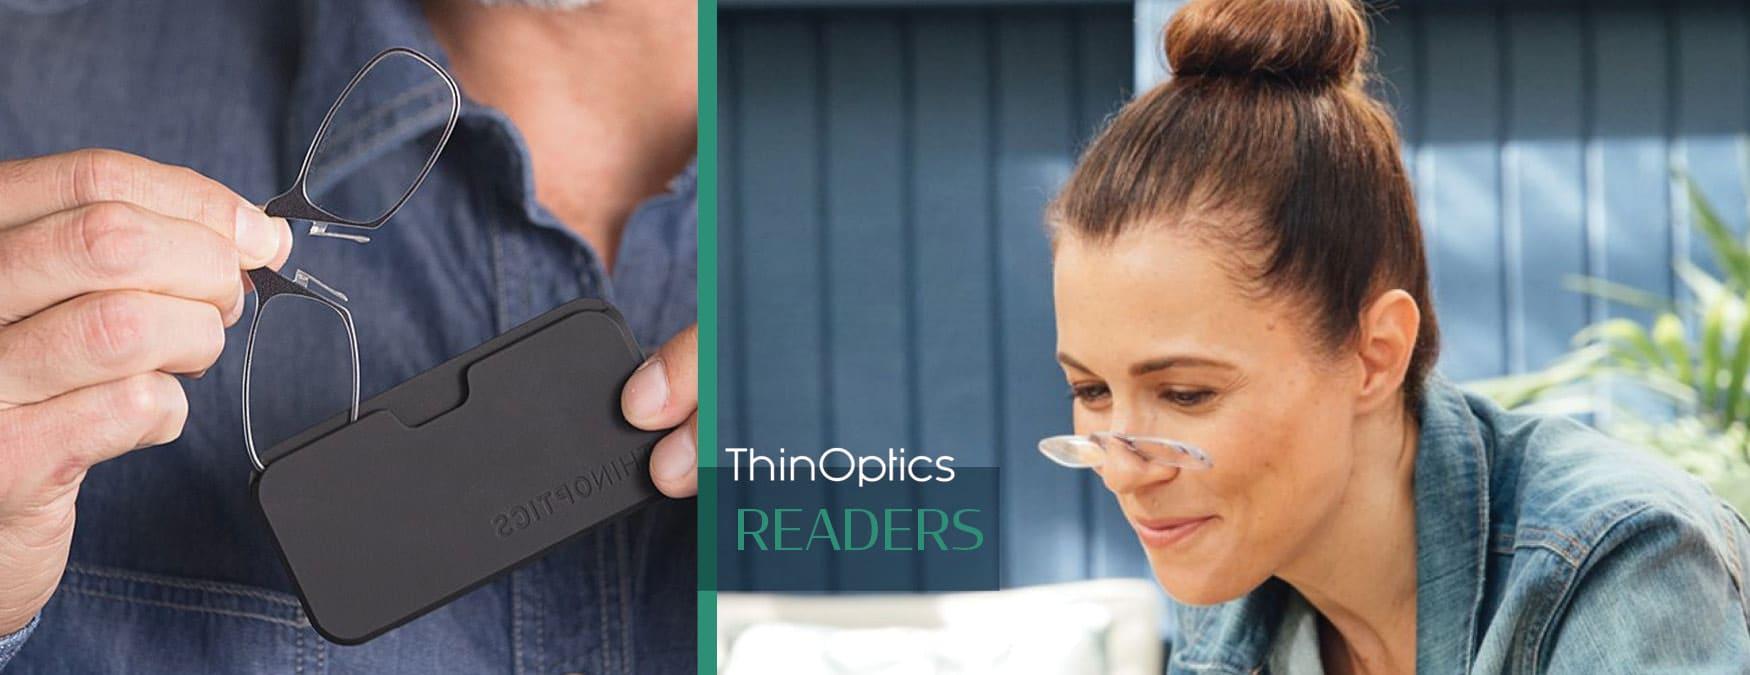 PP READERS 1750x675